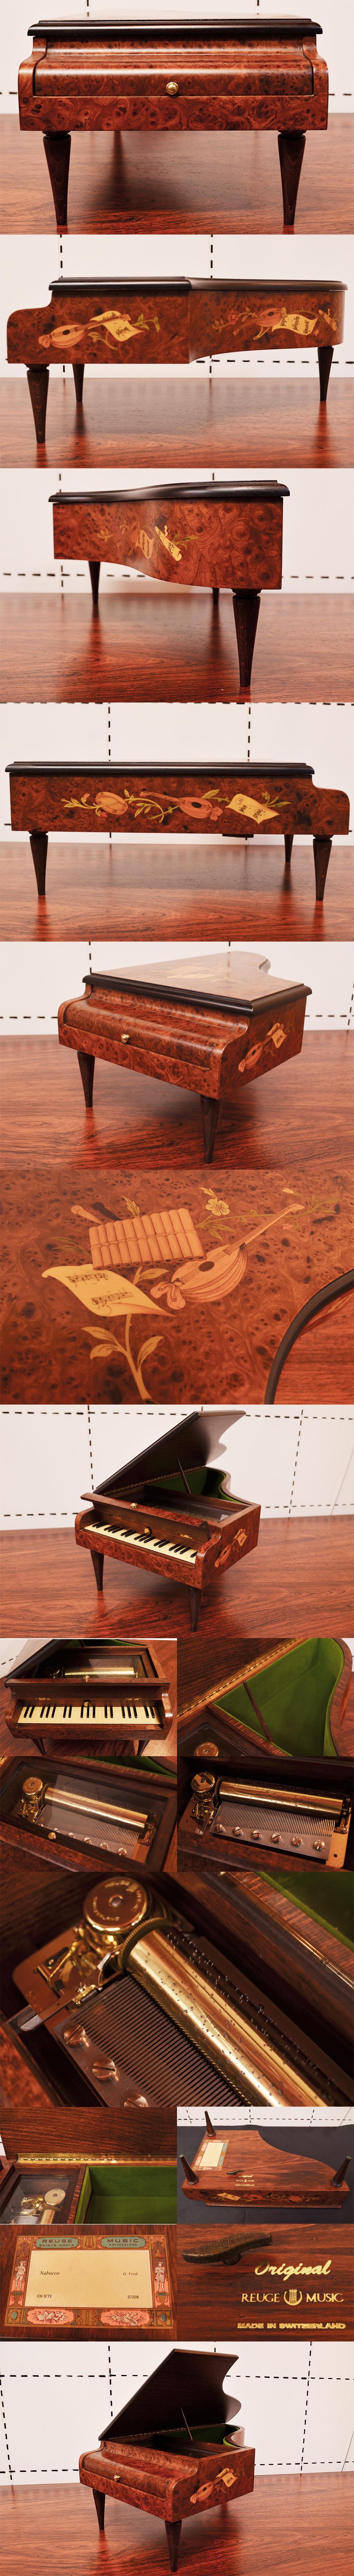 リュージュ ピアノ型オルゴール 72弁